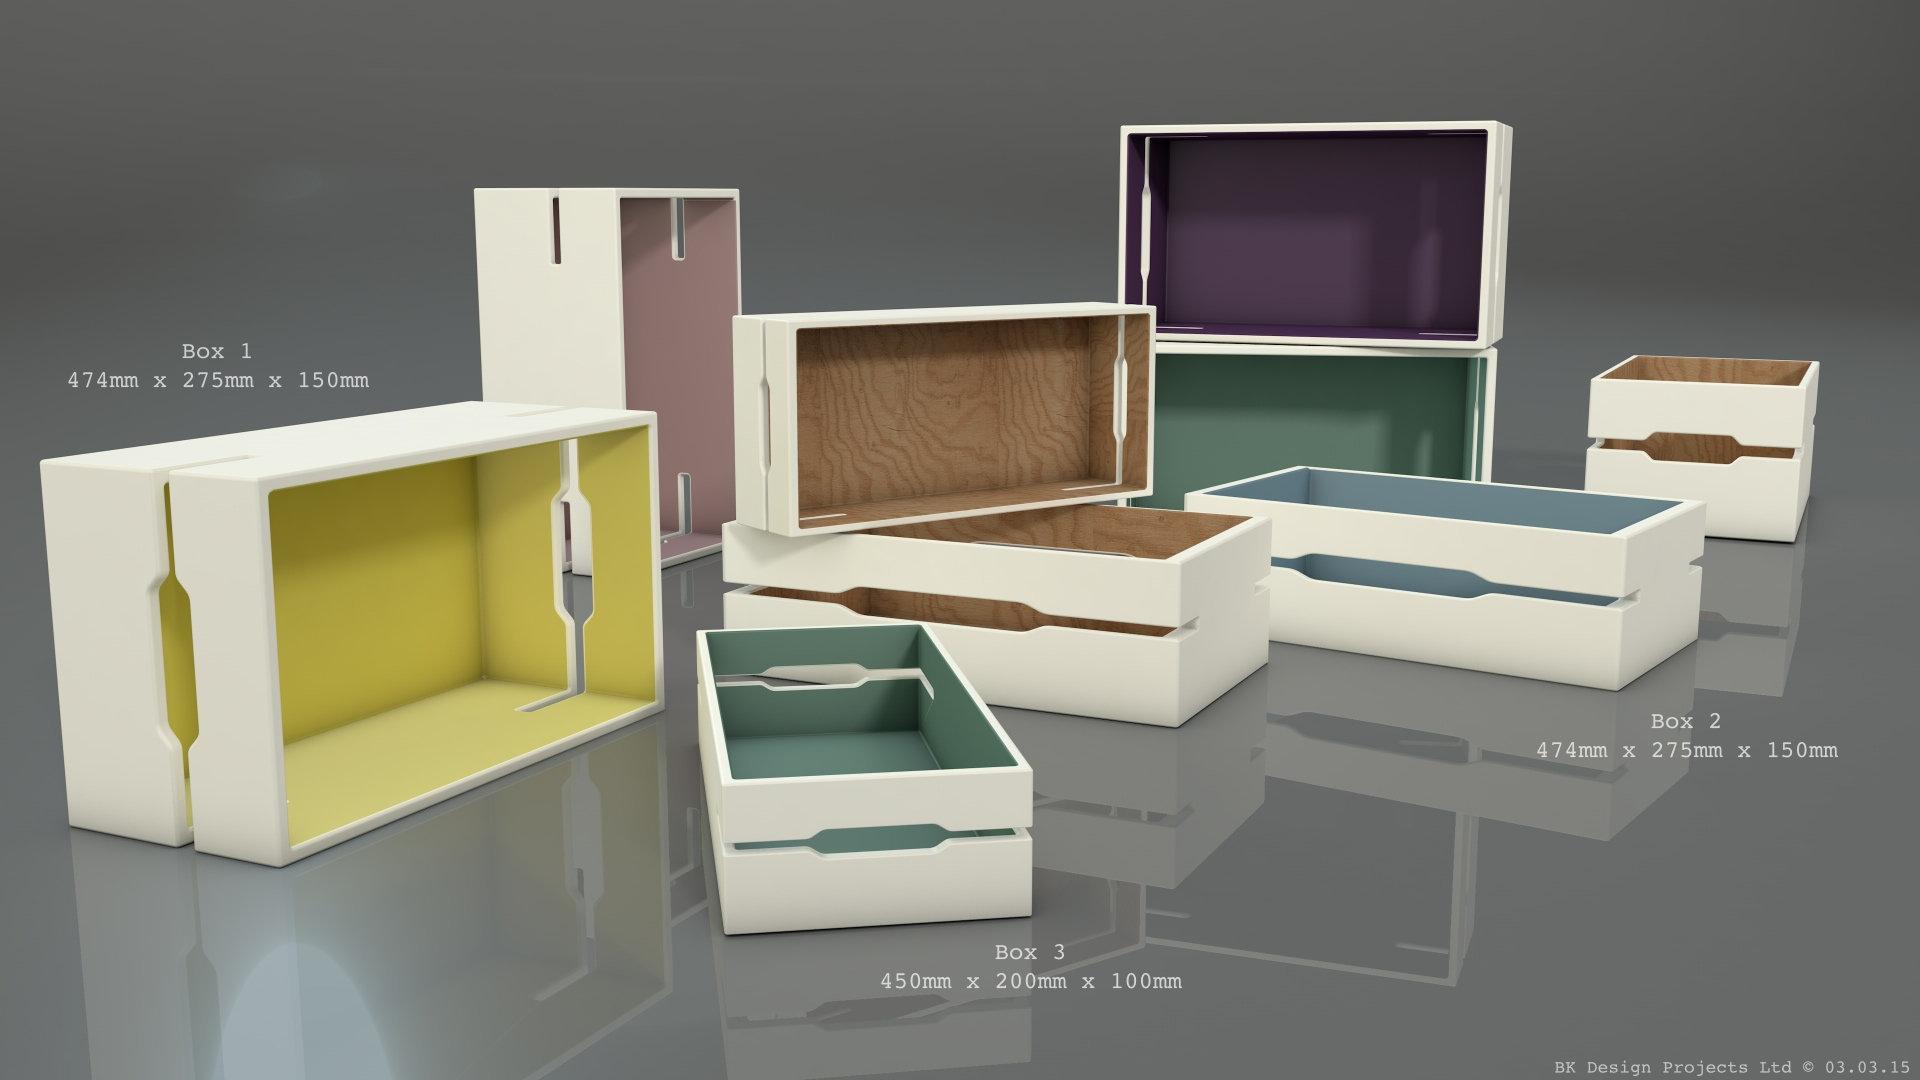 The Box BBC1 - Box Design Concept